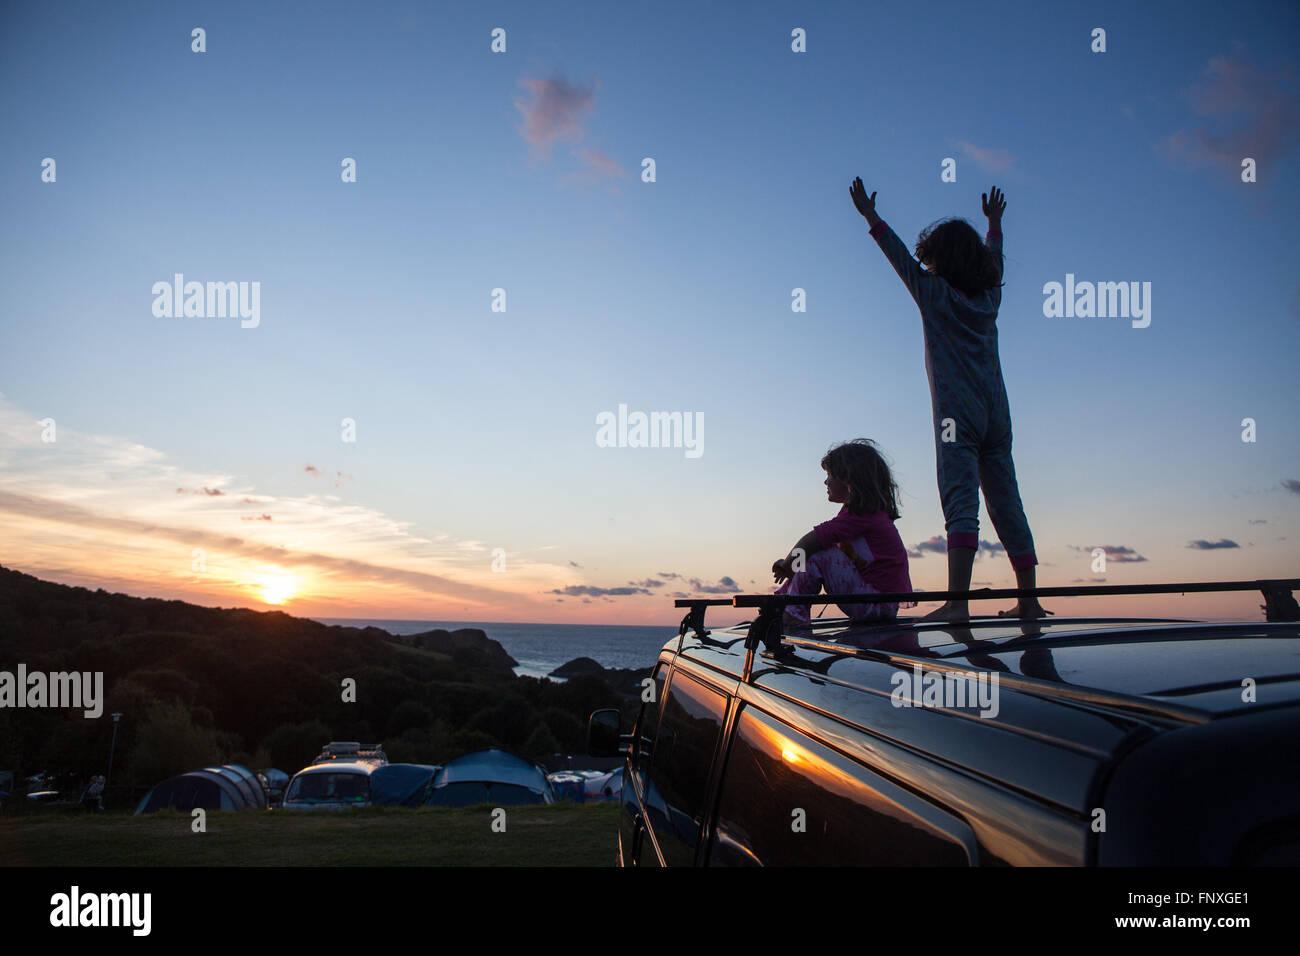 Dos niños pequeños ver el atardecer en un camping de vacaciones. Recuerdos de la infancia están hechas Imagen De Stock